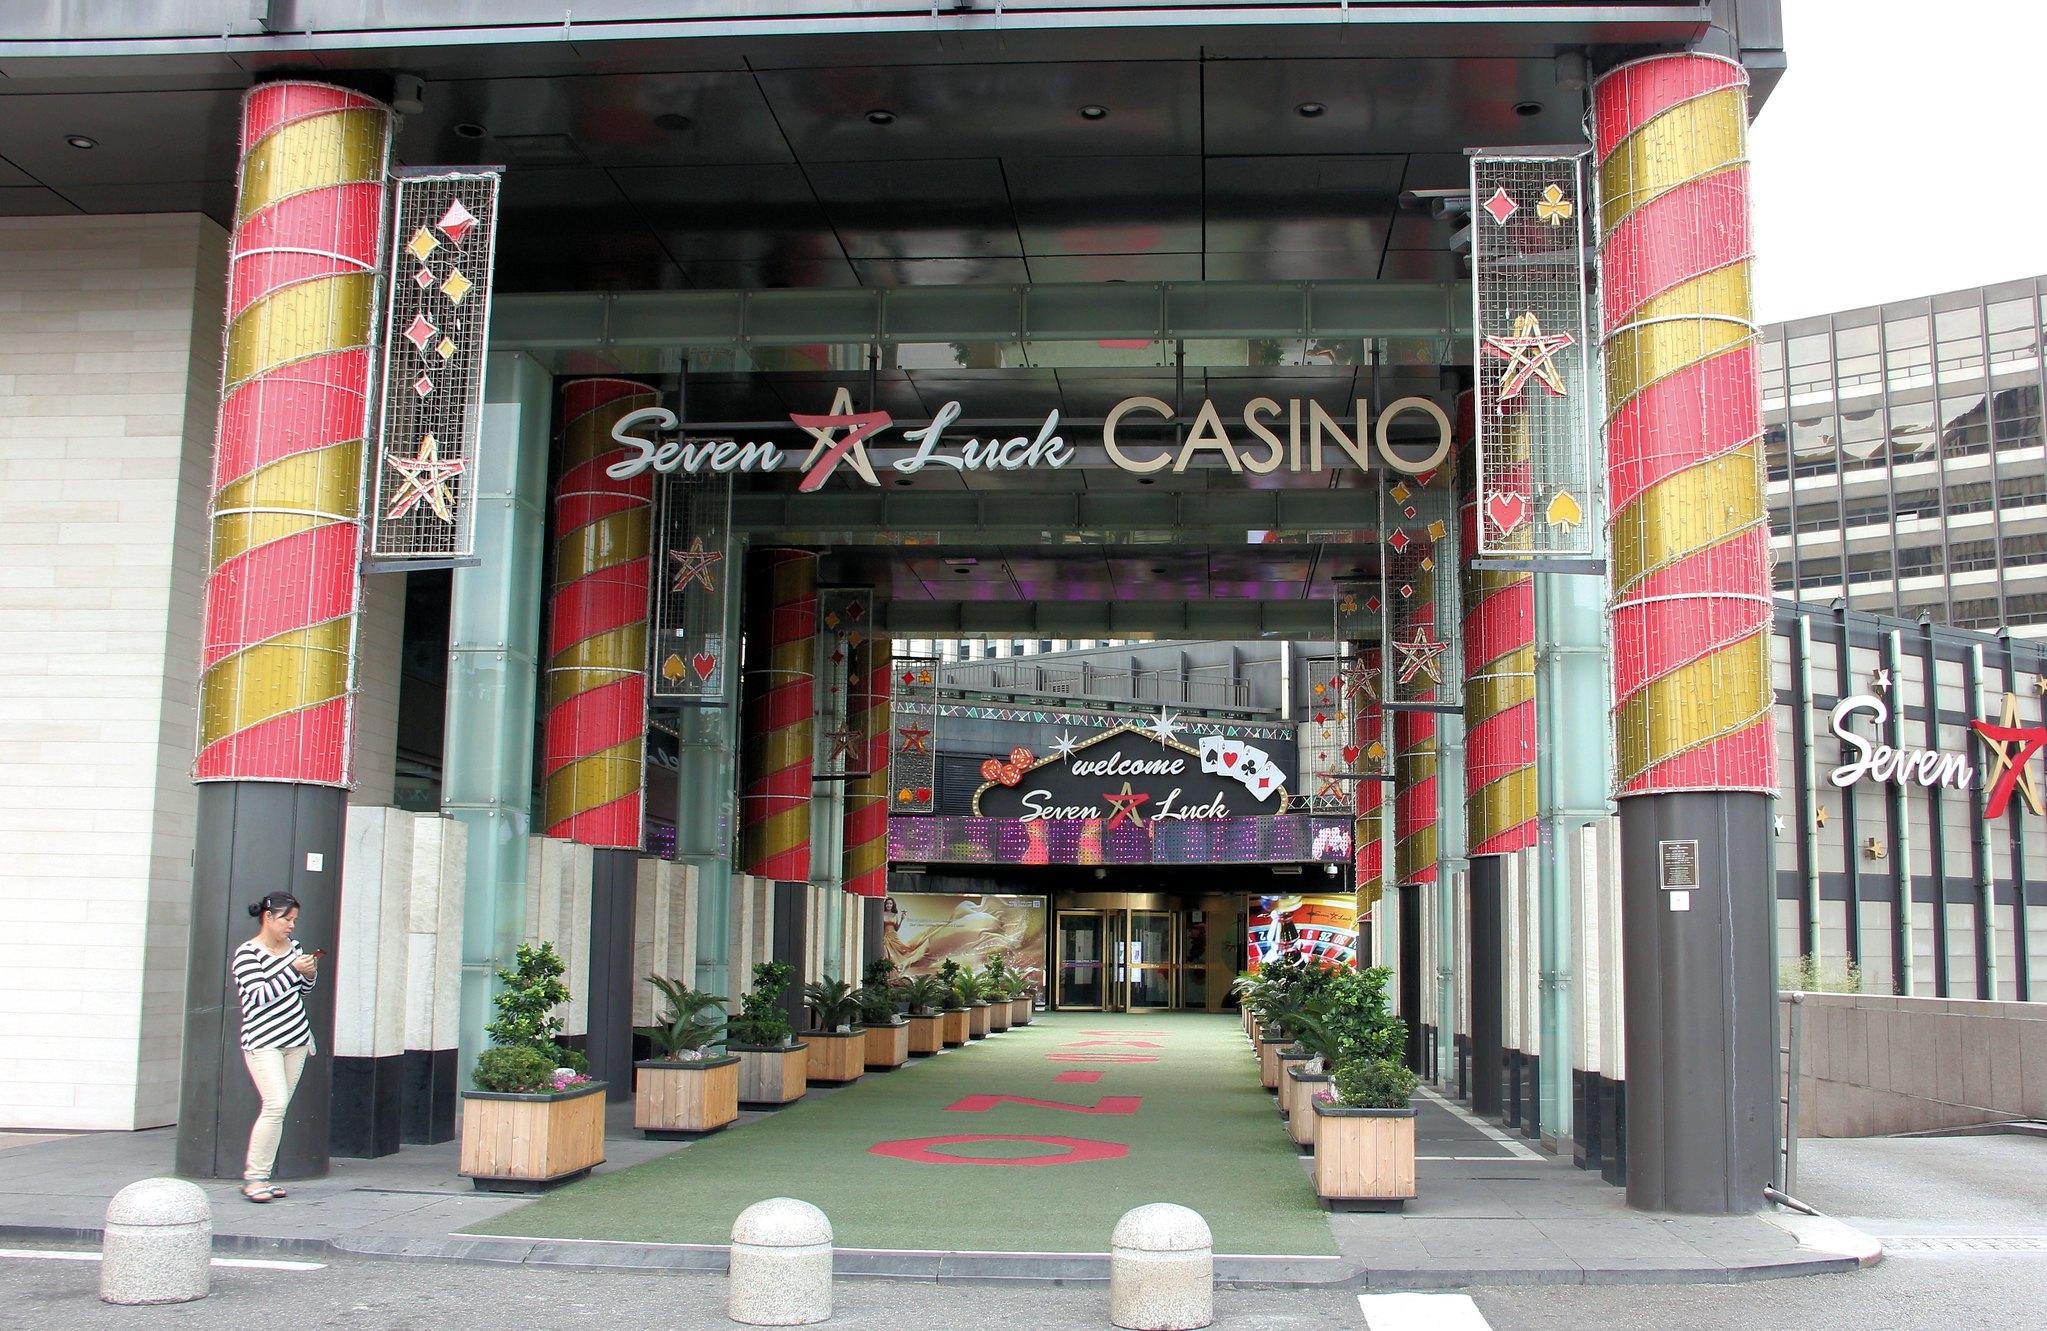 cozyno casino 13 euro ohne einzahlung